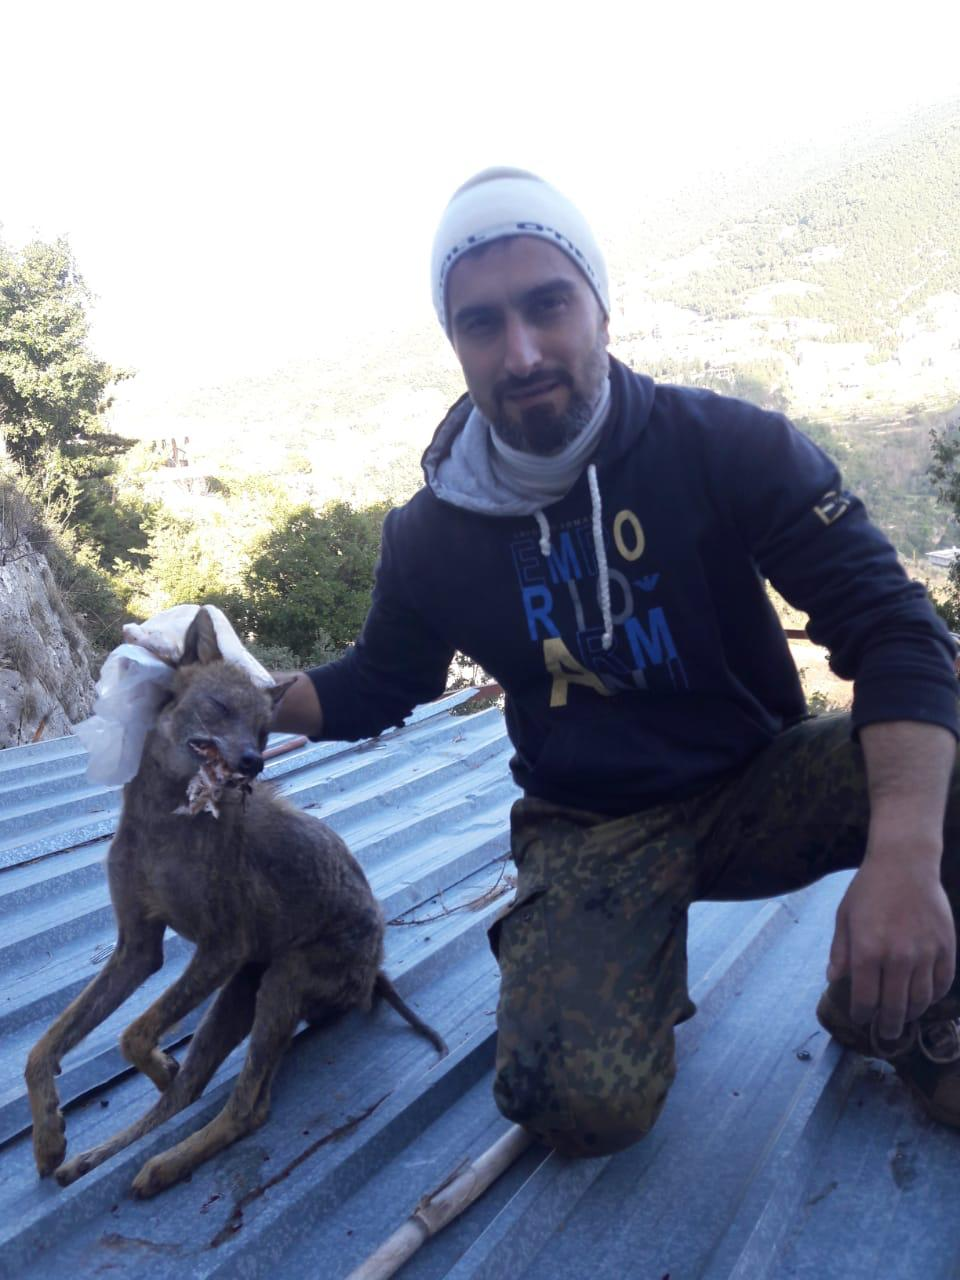 مفترسة ودموية.. حيوانات مُرعبة تظهر في بلدة لبنانية